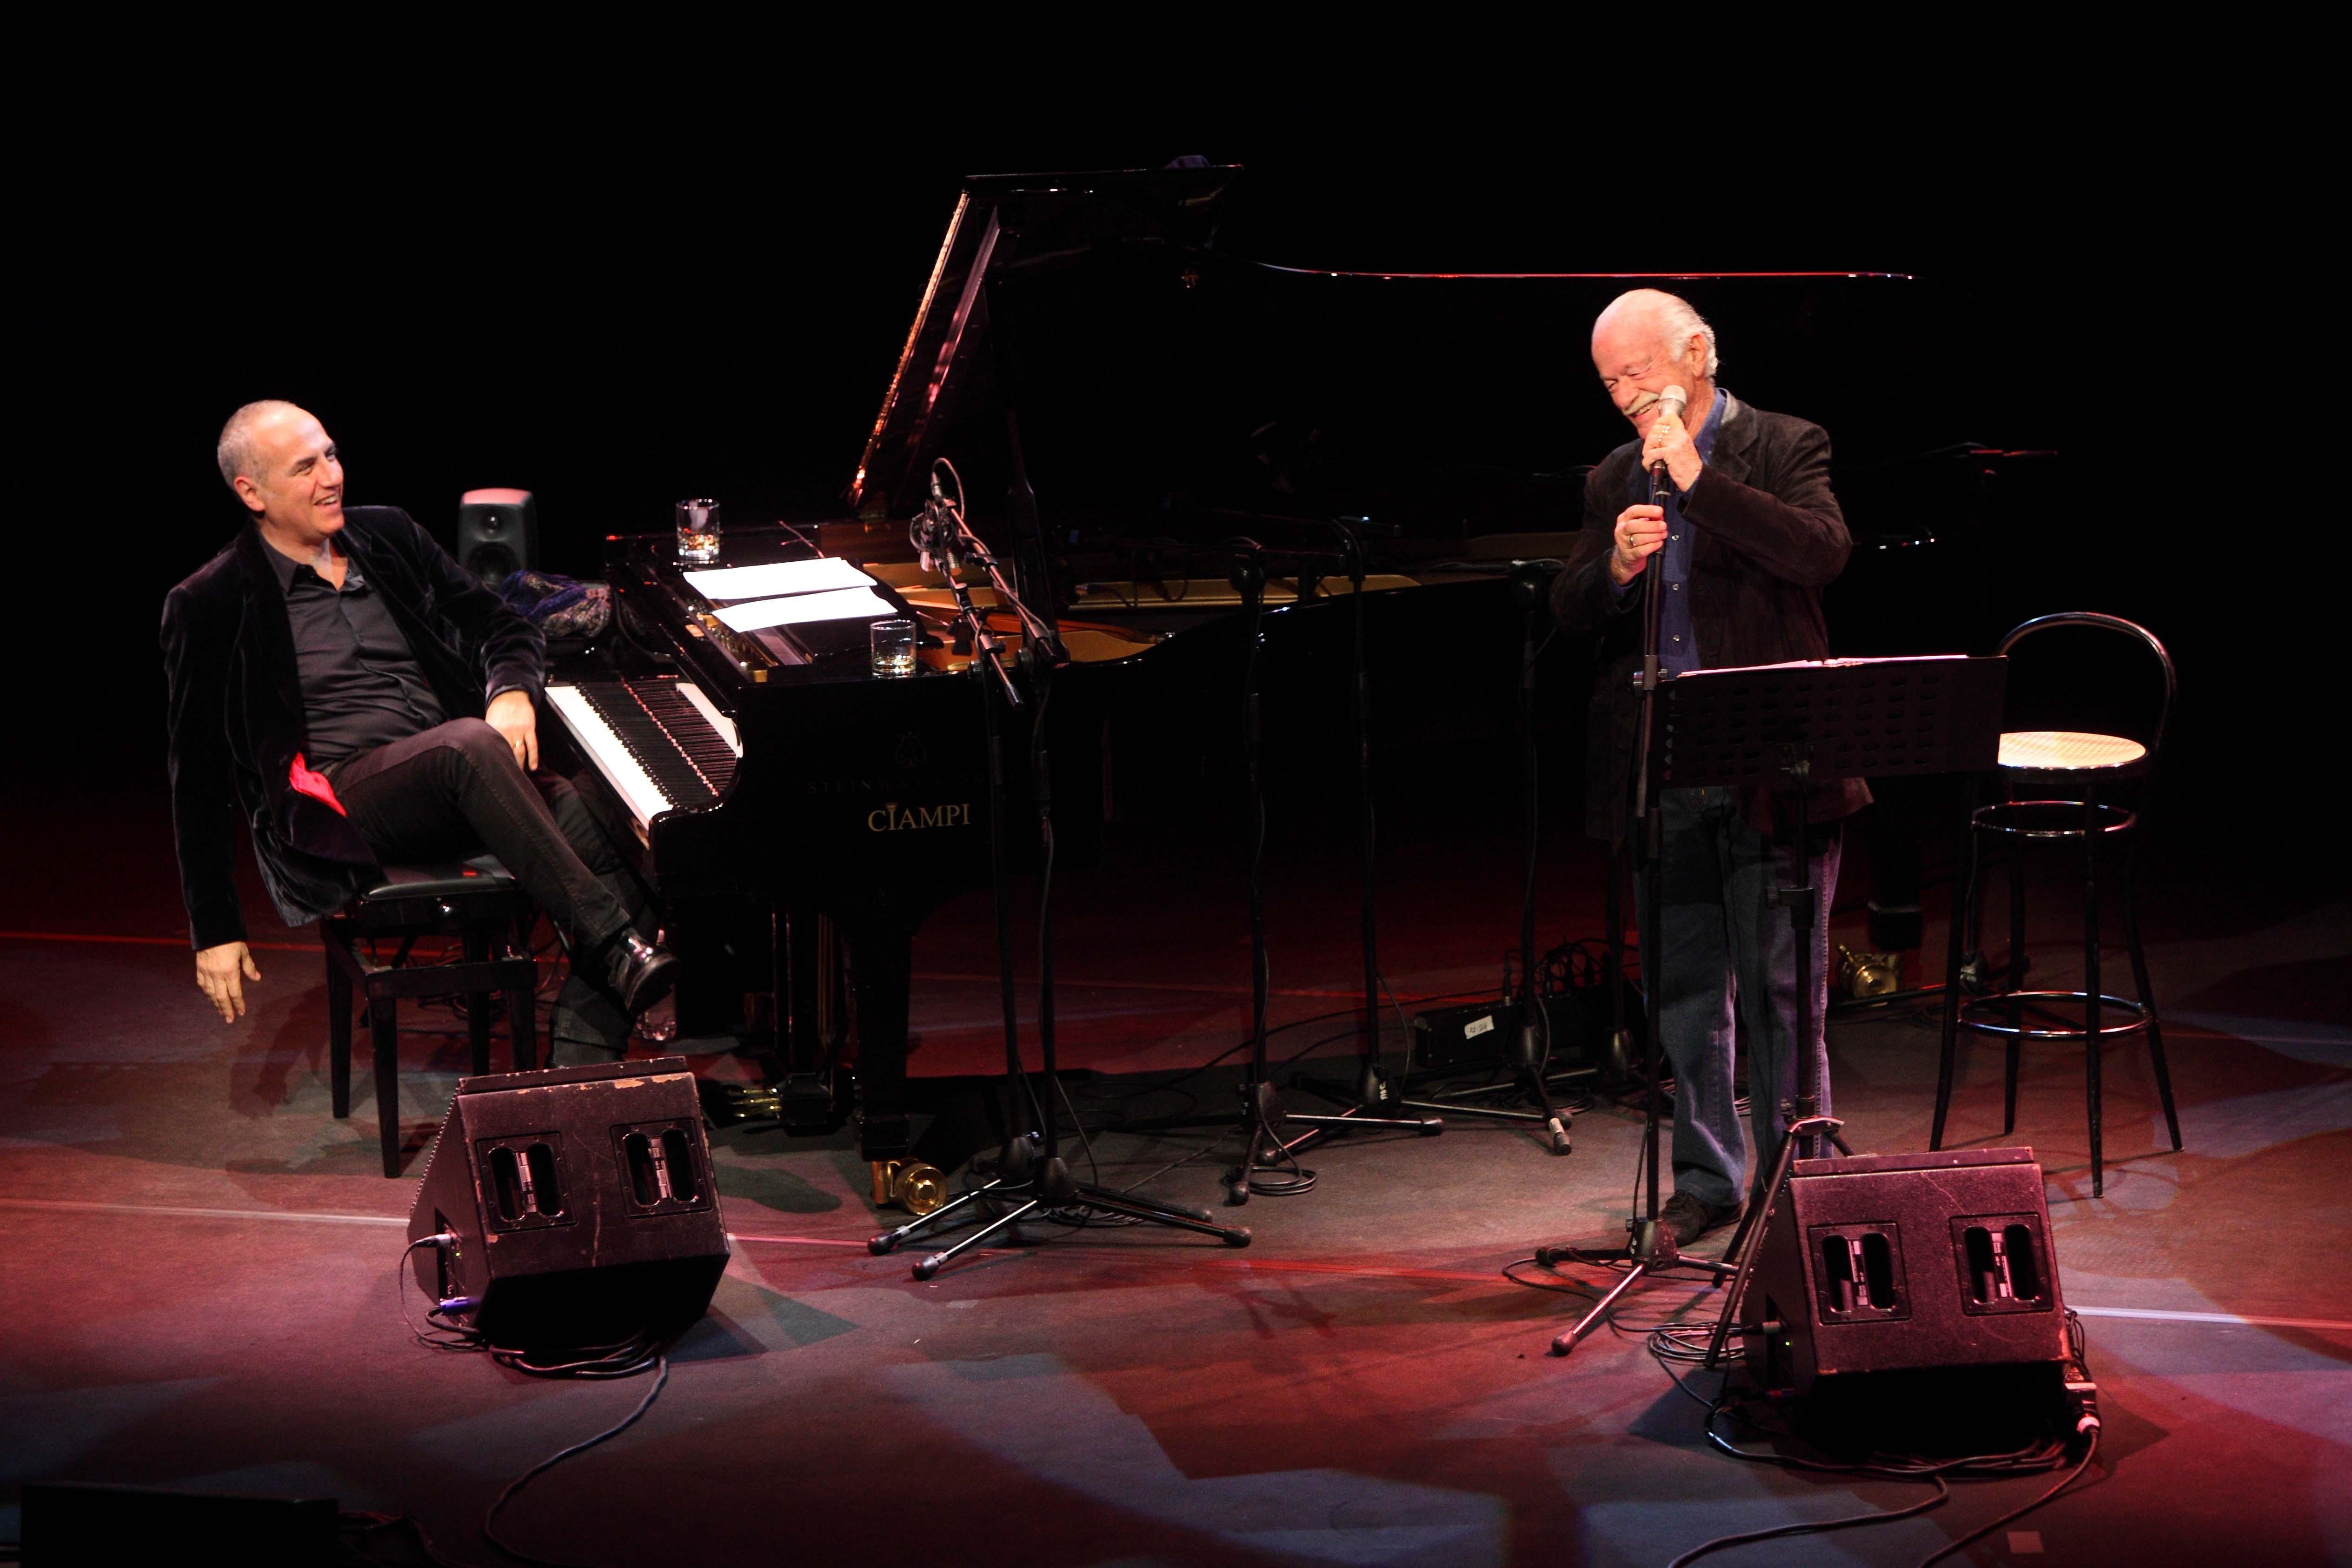 Gino Paoli e Danilo Rea inaugurano i concerti al Teatro Cristallo